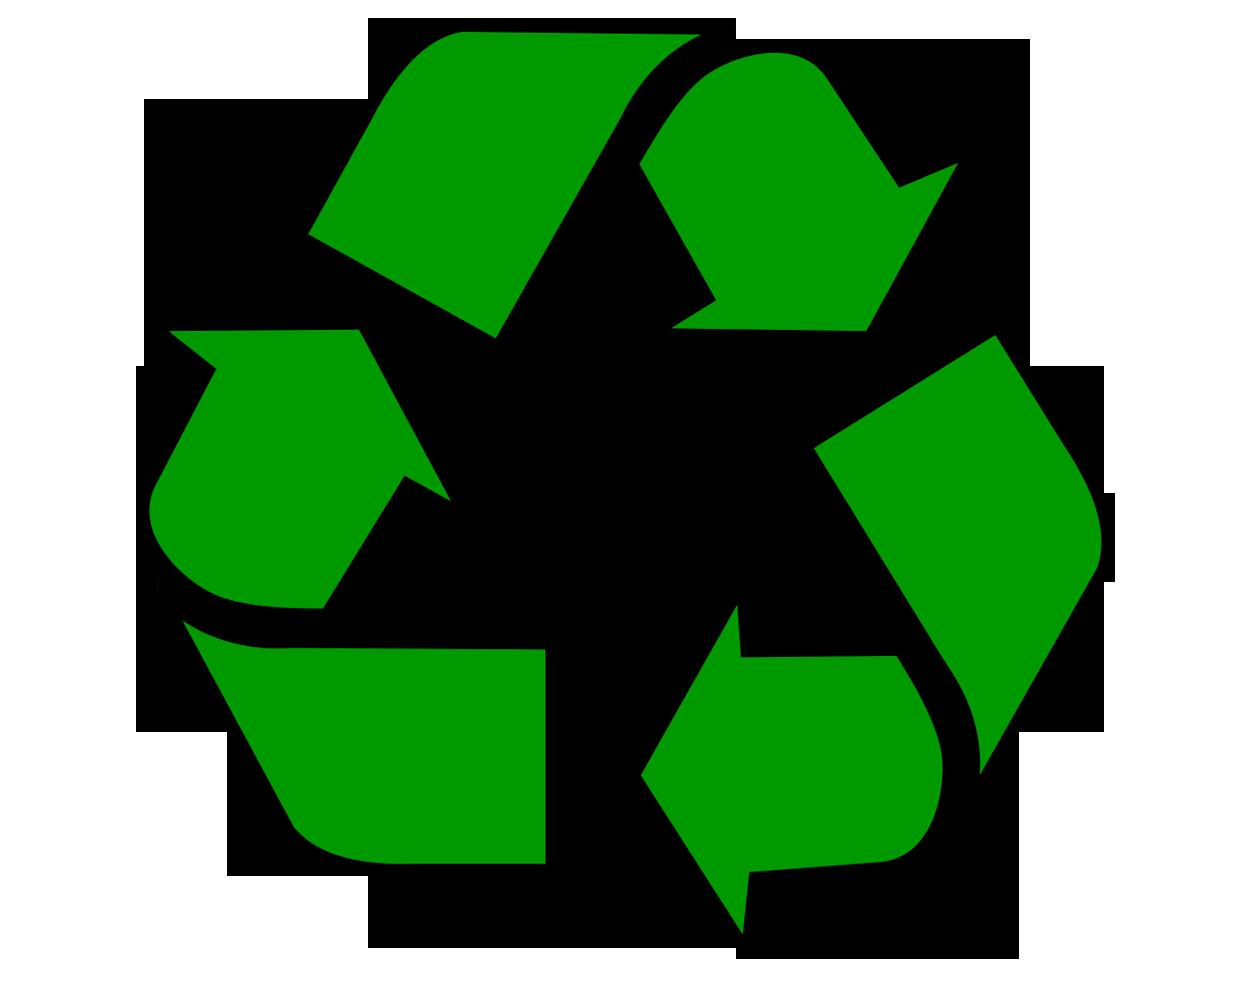 logo recycle histoire image de symbole et embl me. Black Bedroom Furniture Sets. Home Design Ideas